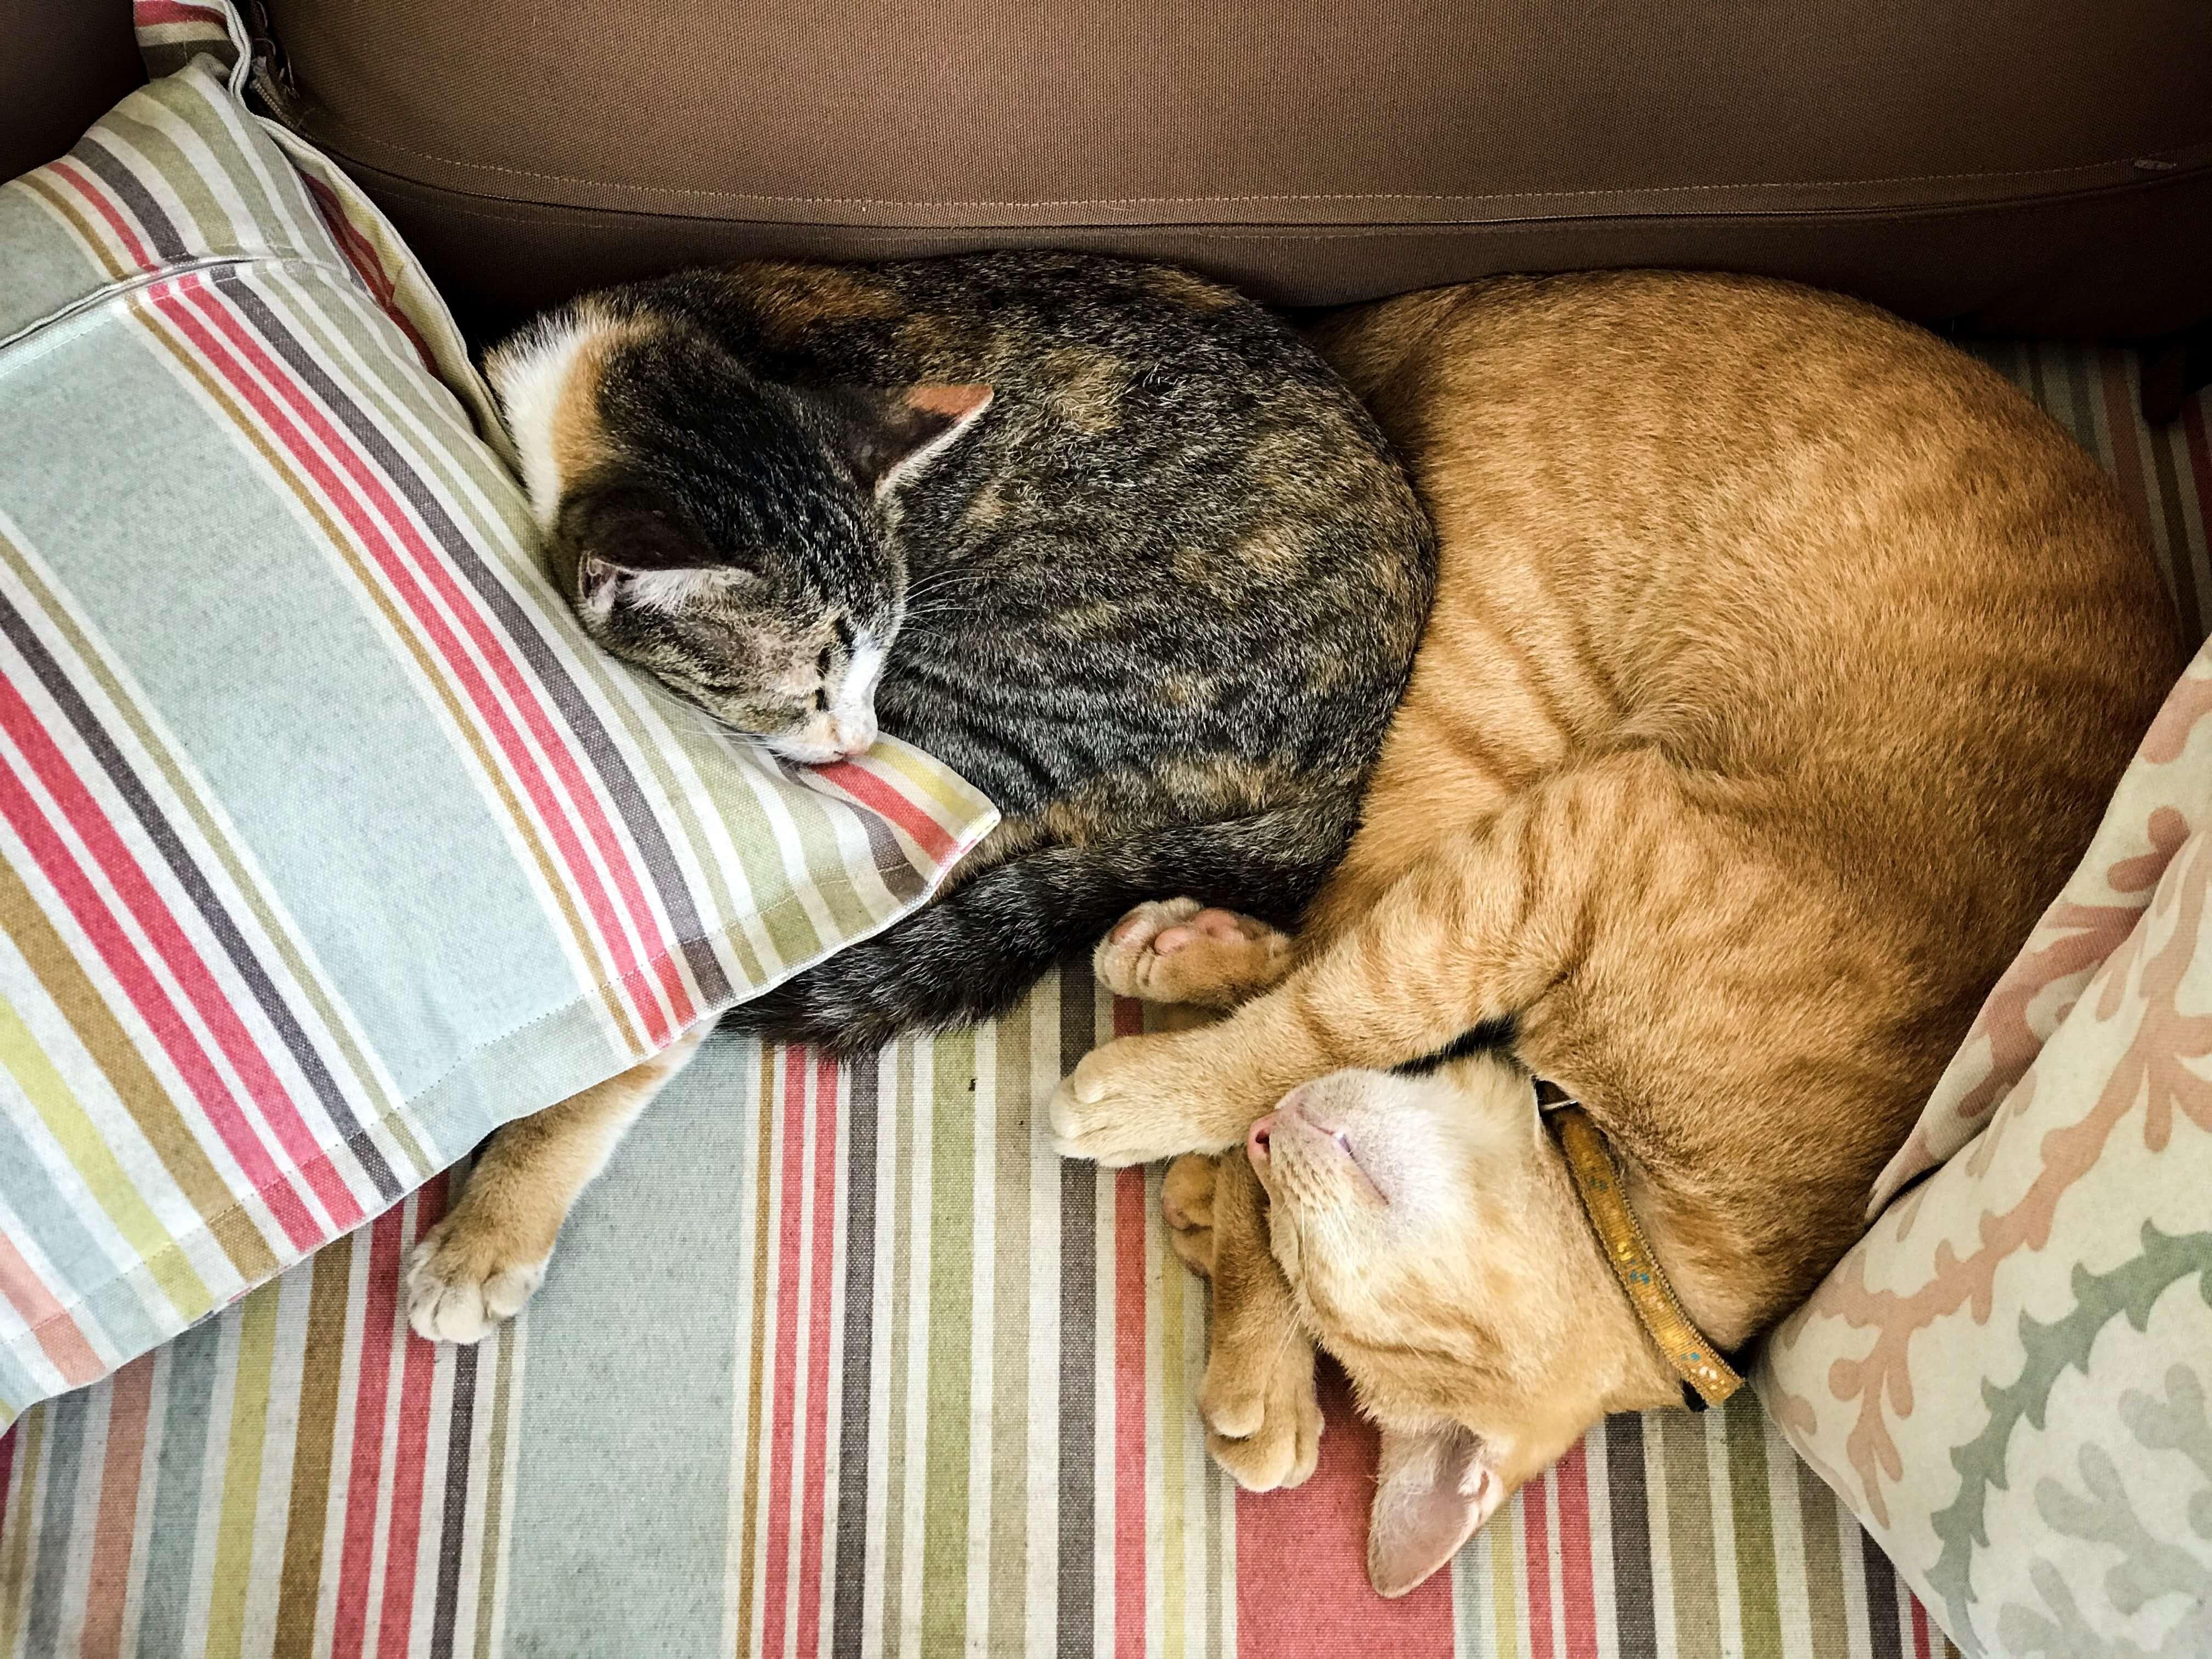 Q&A+Expert+Tension+between+cats-Jan-18-Editorial-05